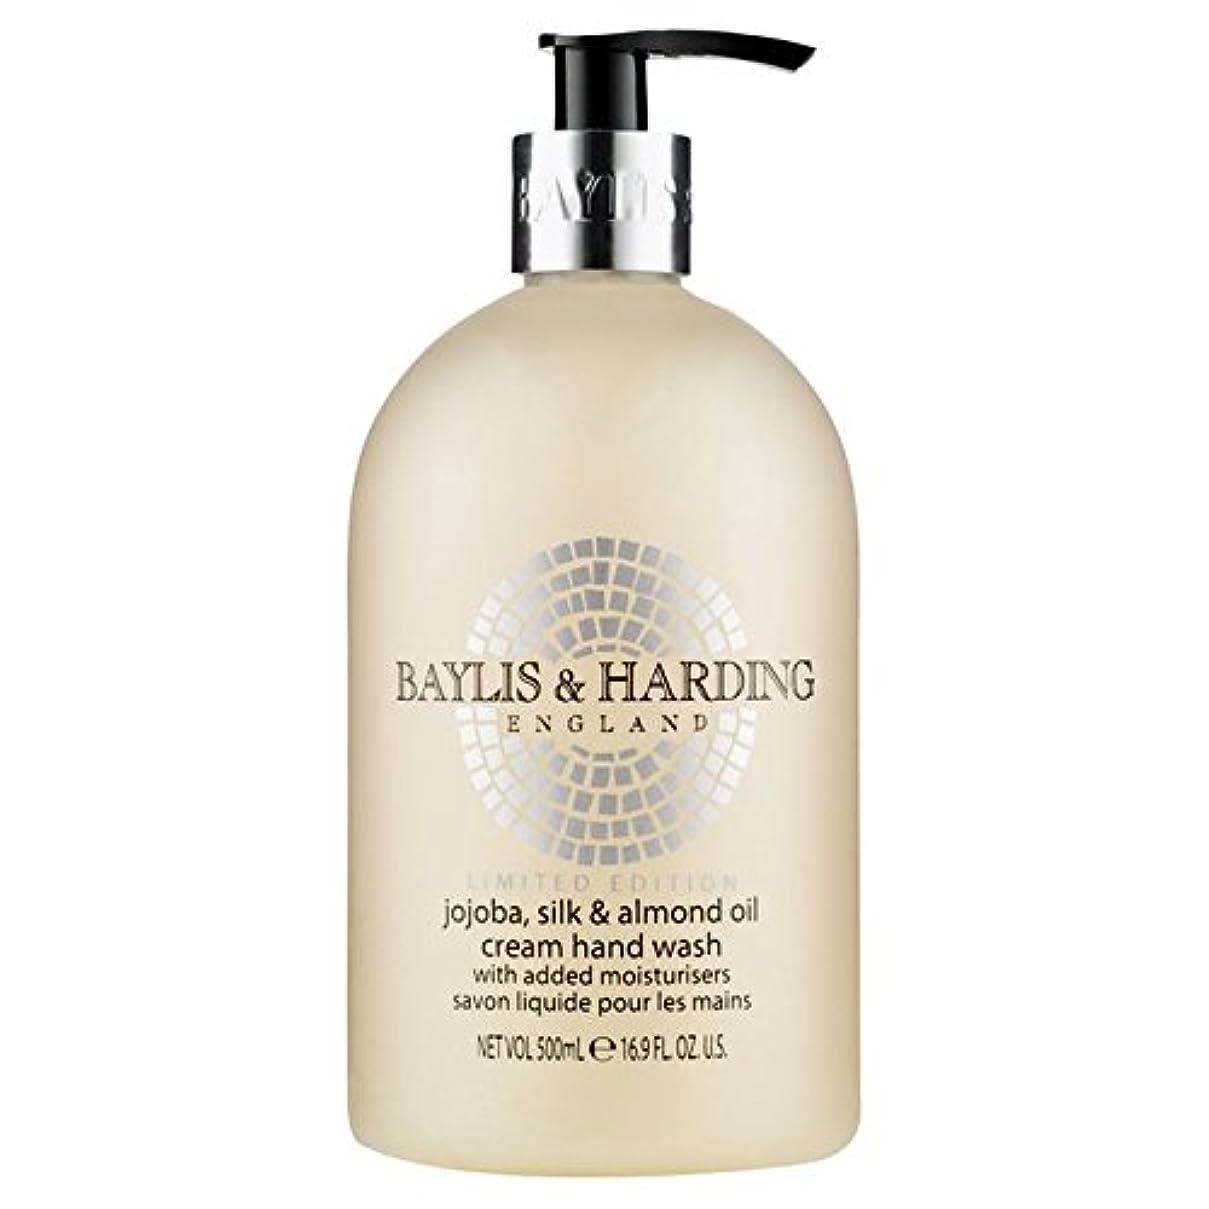 たっぷり縮れた数字ベイリス&ハーディングホホバ、シルク&アーモンドオイルハンドウォッシュ500ミリリットル x2 - Baylis & Harding Jojoba, Silk & Almond Oil Hand Wash 500ml (Pack of 2) [並行輸入品]